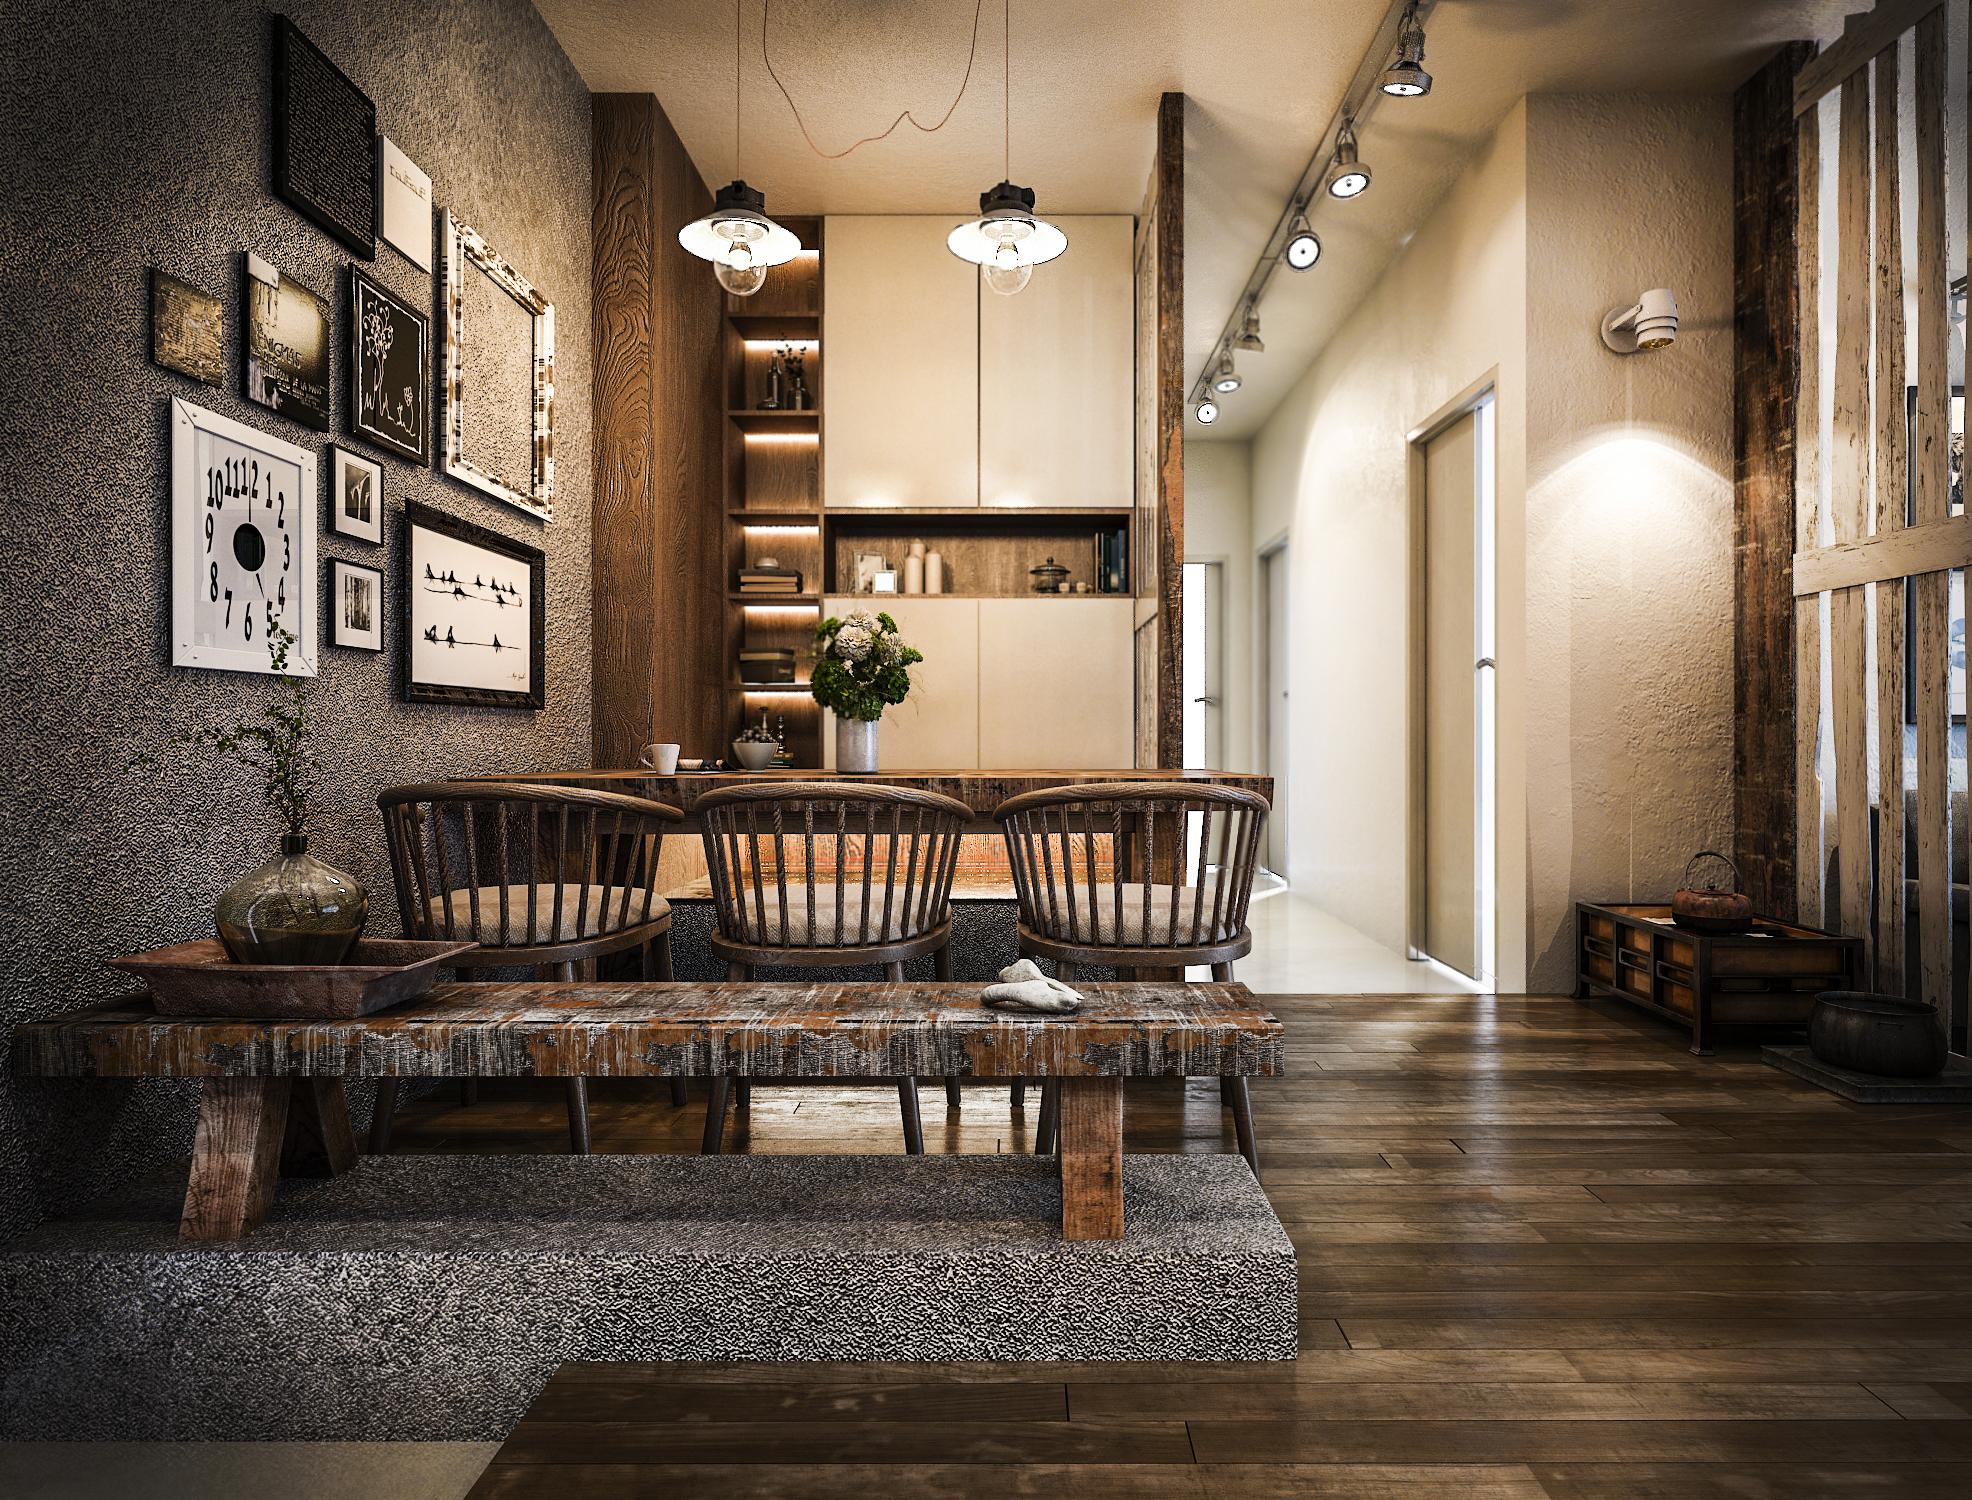 thiết kế nội thất chung cư tại Hồ Chí Minh Mr. Thuận Apartment 4 1544198872